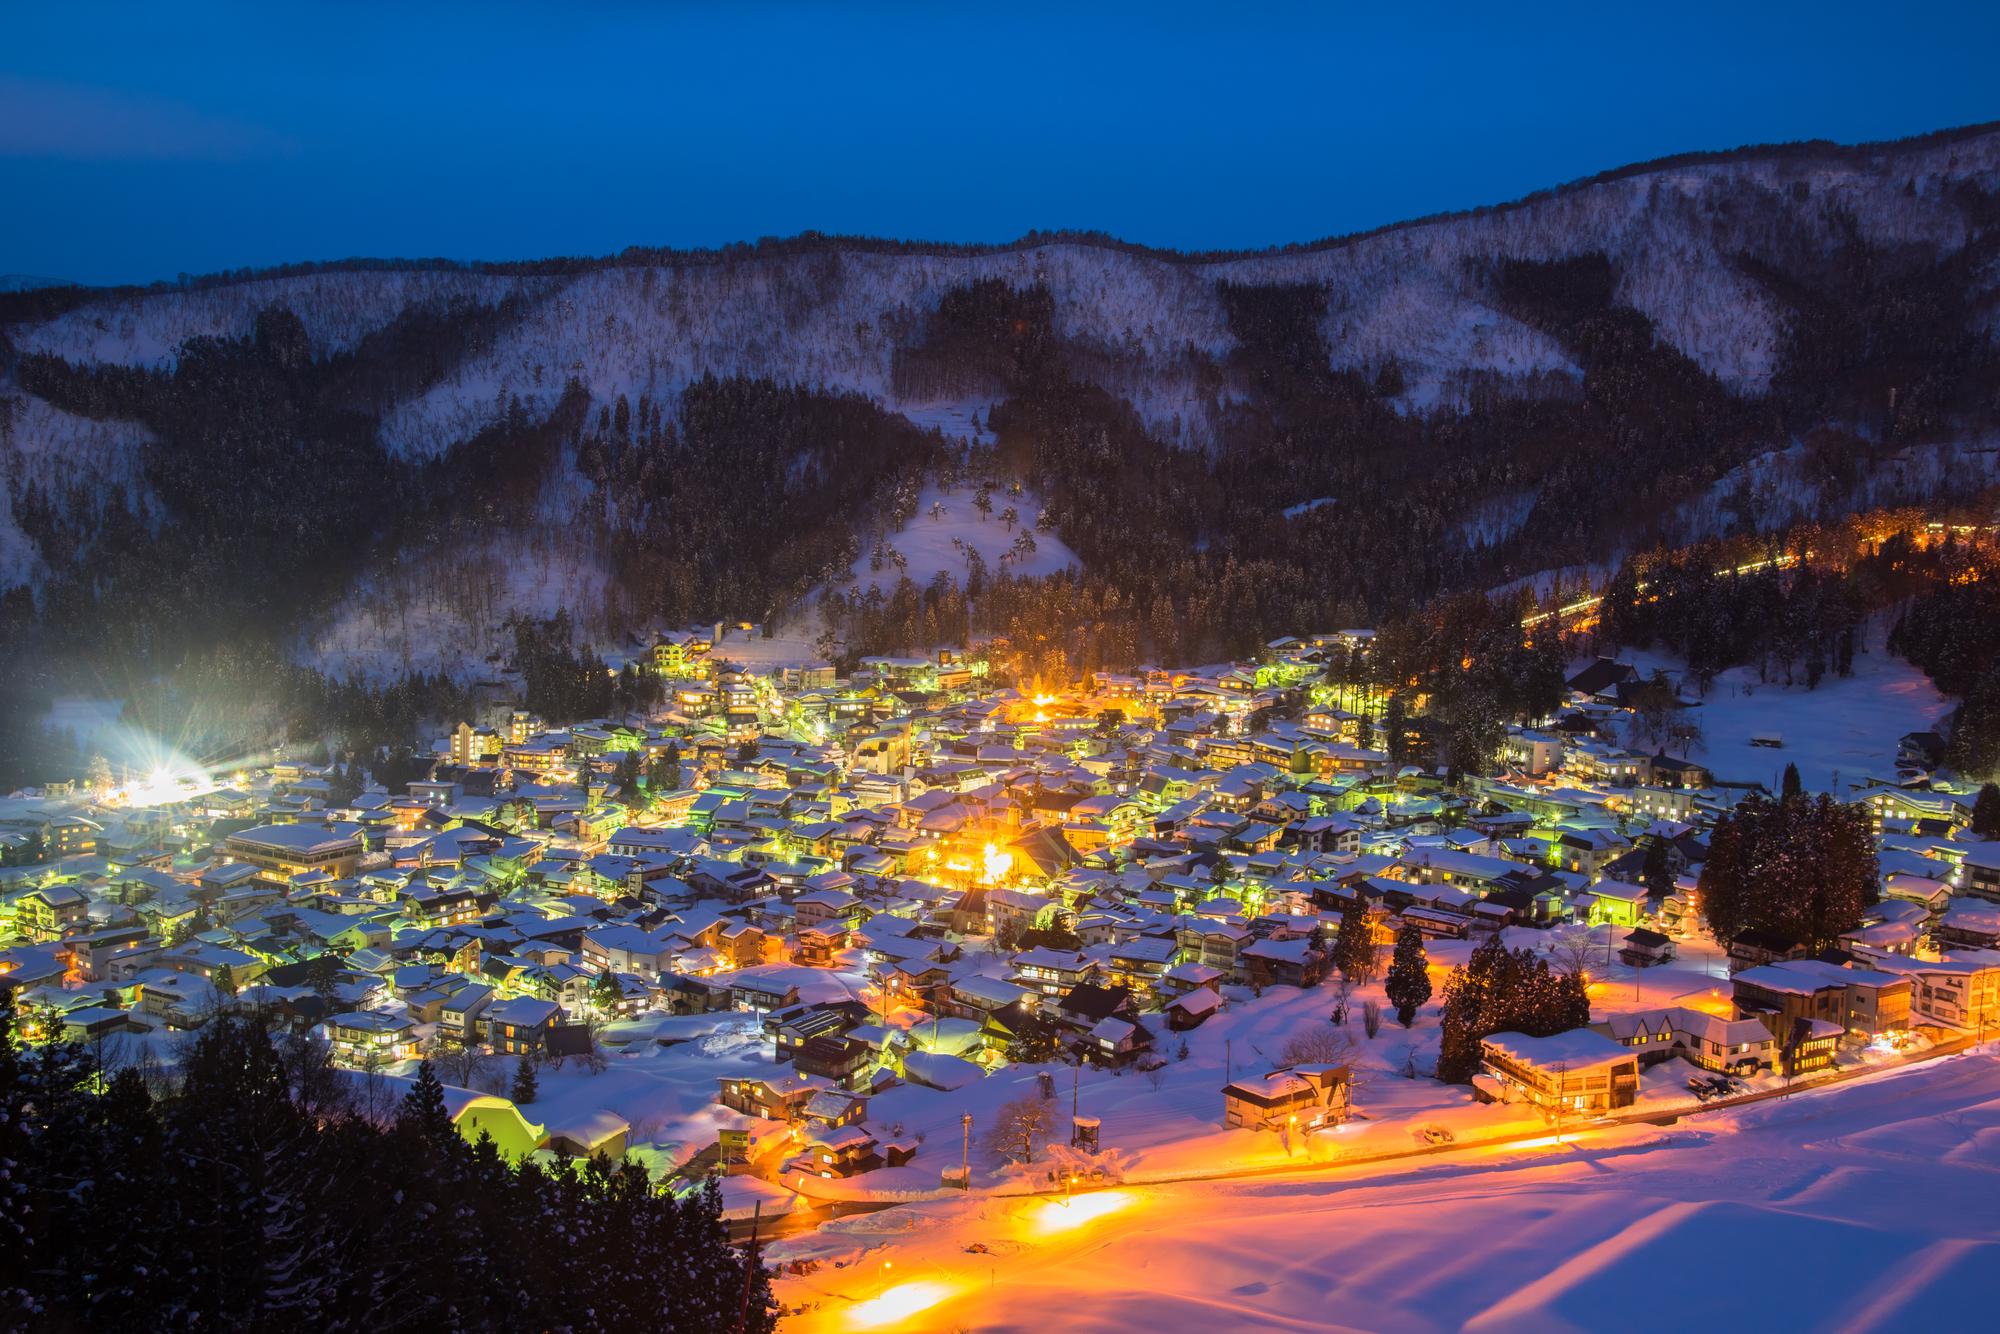 野沢温泉・斑尾エリア(長野)@冬のスキー場バイト求人特集